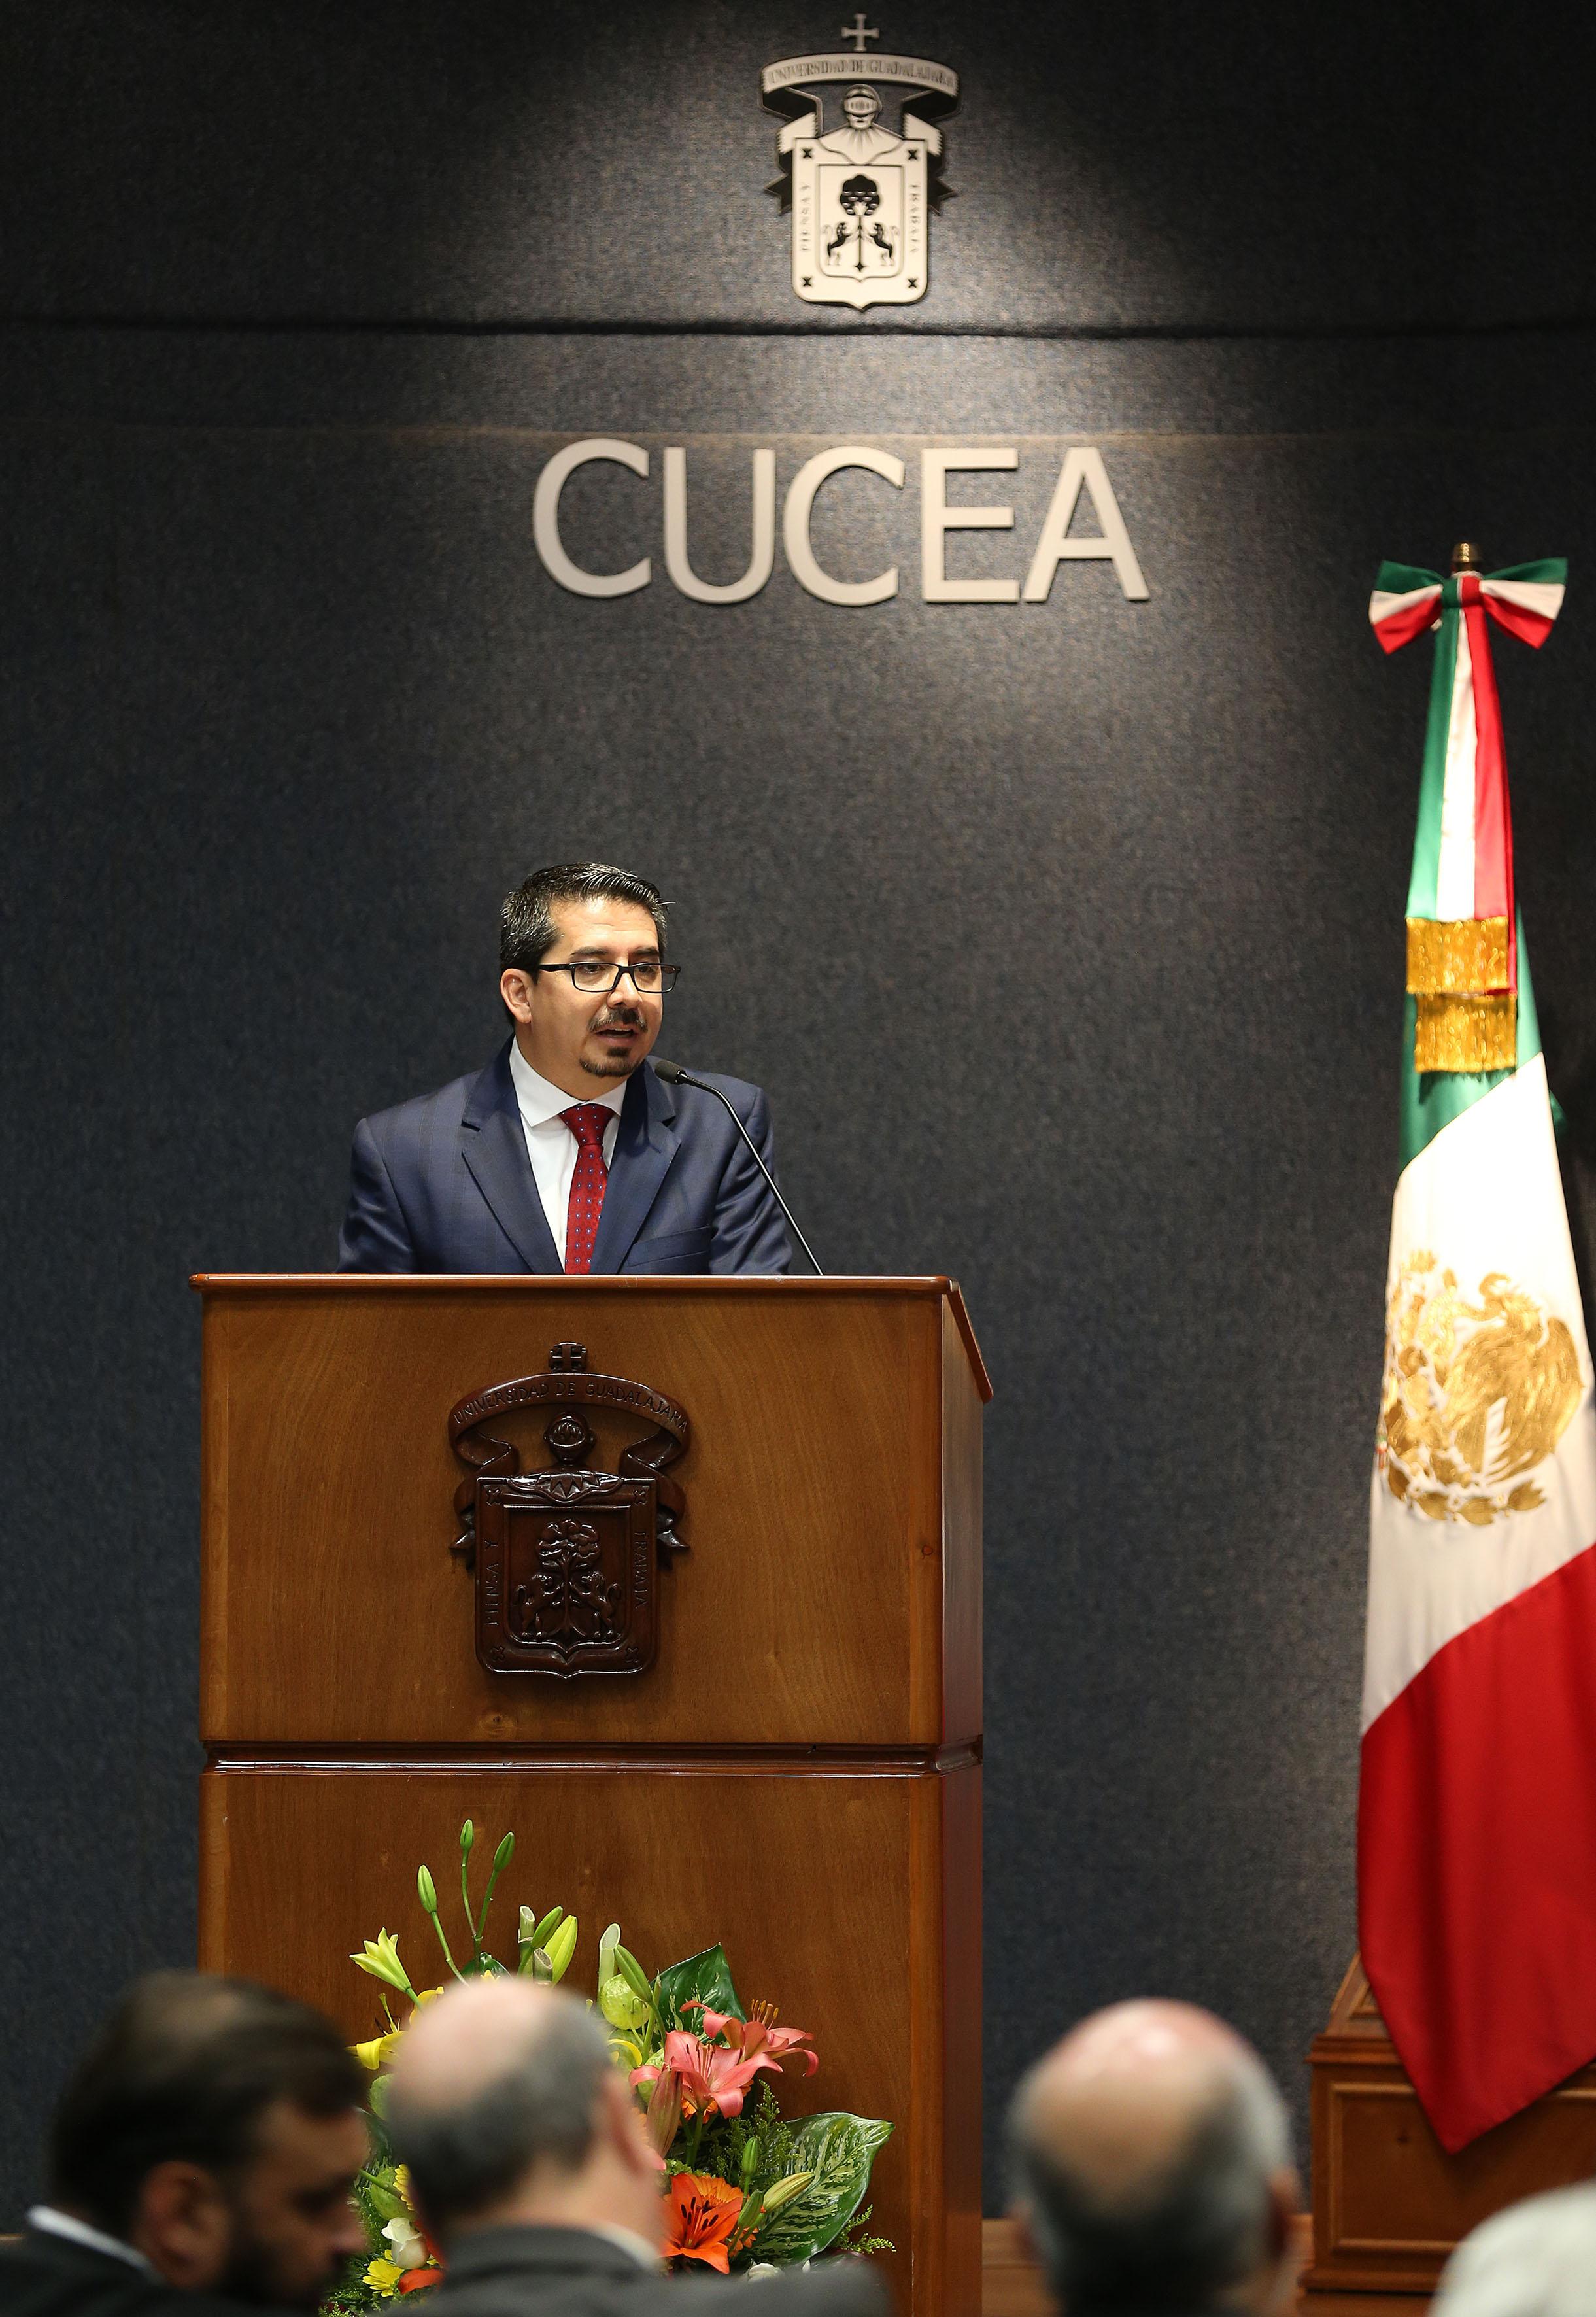 Maestro José Alberto Castellanos Gutiérrez, Rector del Centro Universitario de Ciencias Económico Administrativas (CUCEA), haciendo uso de la palabra desde el podium.